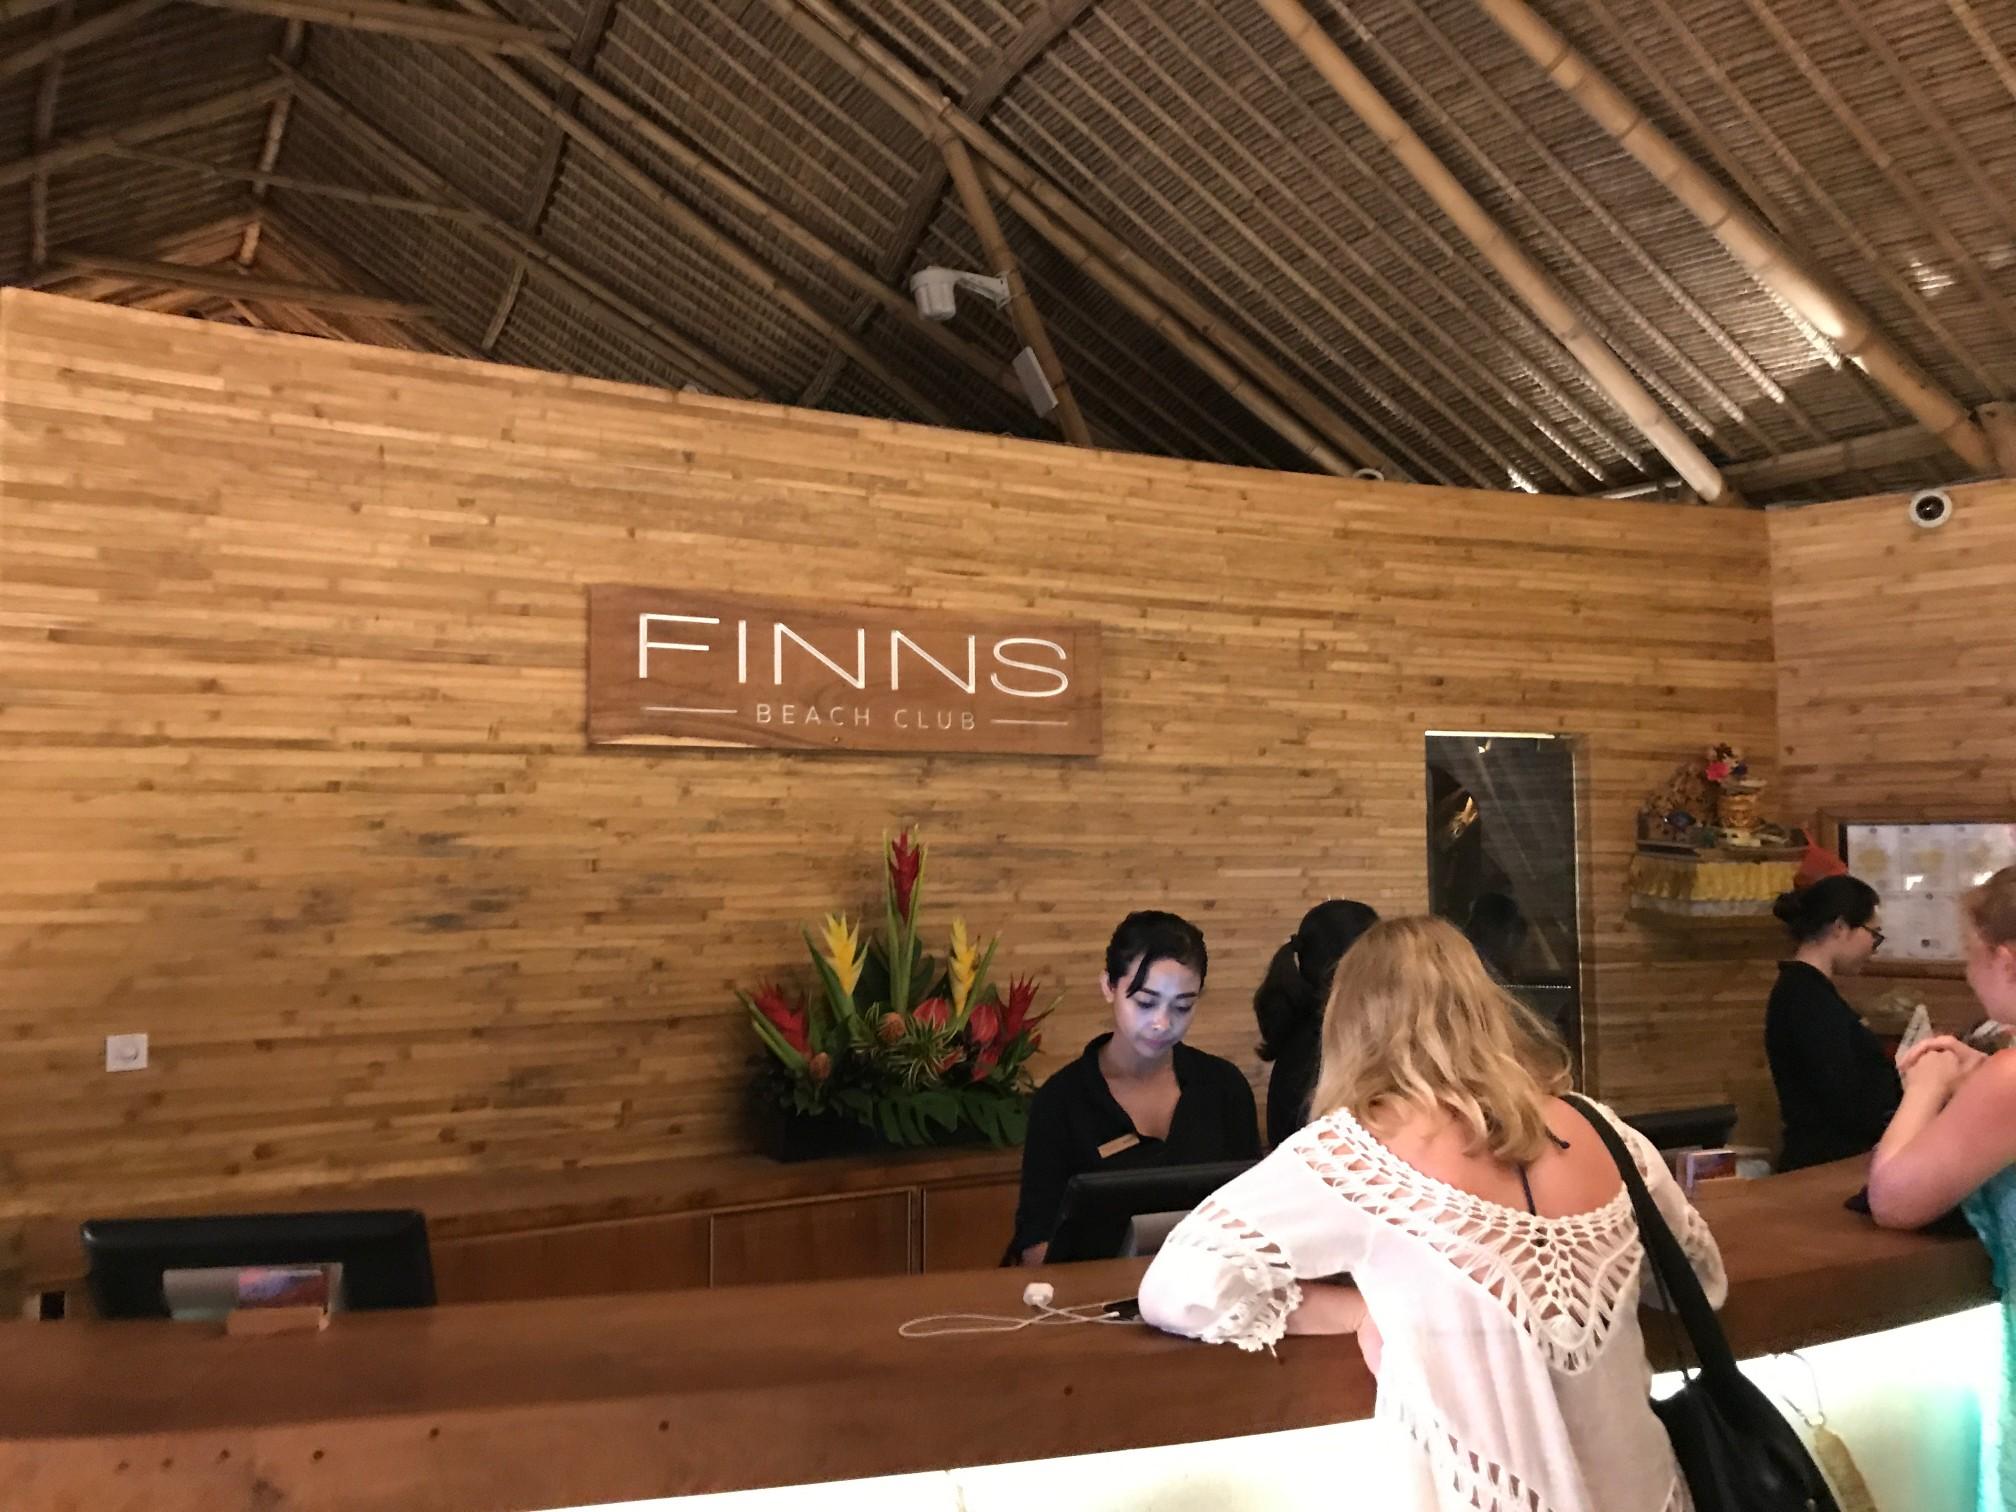 デートにぴったりバリ島で今話題のビーチクラブ FINNS BEACH CLUB5